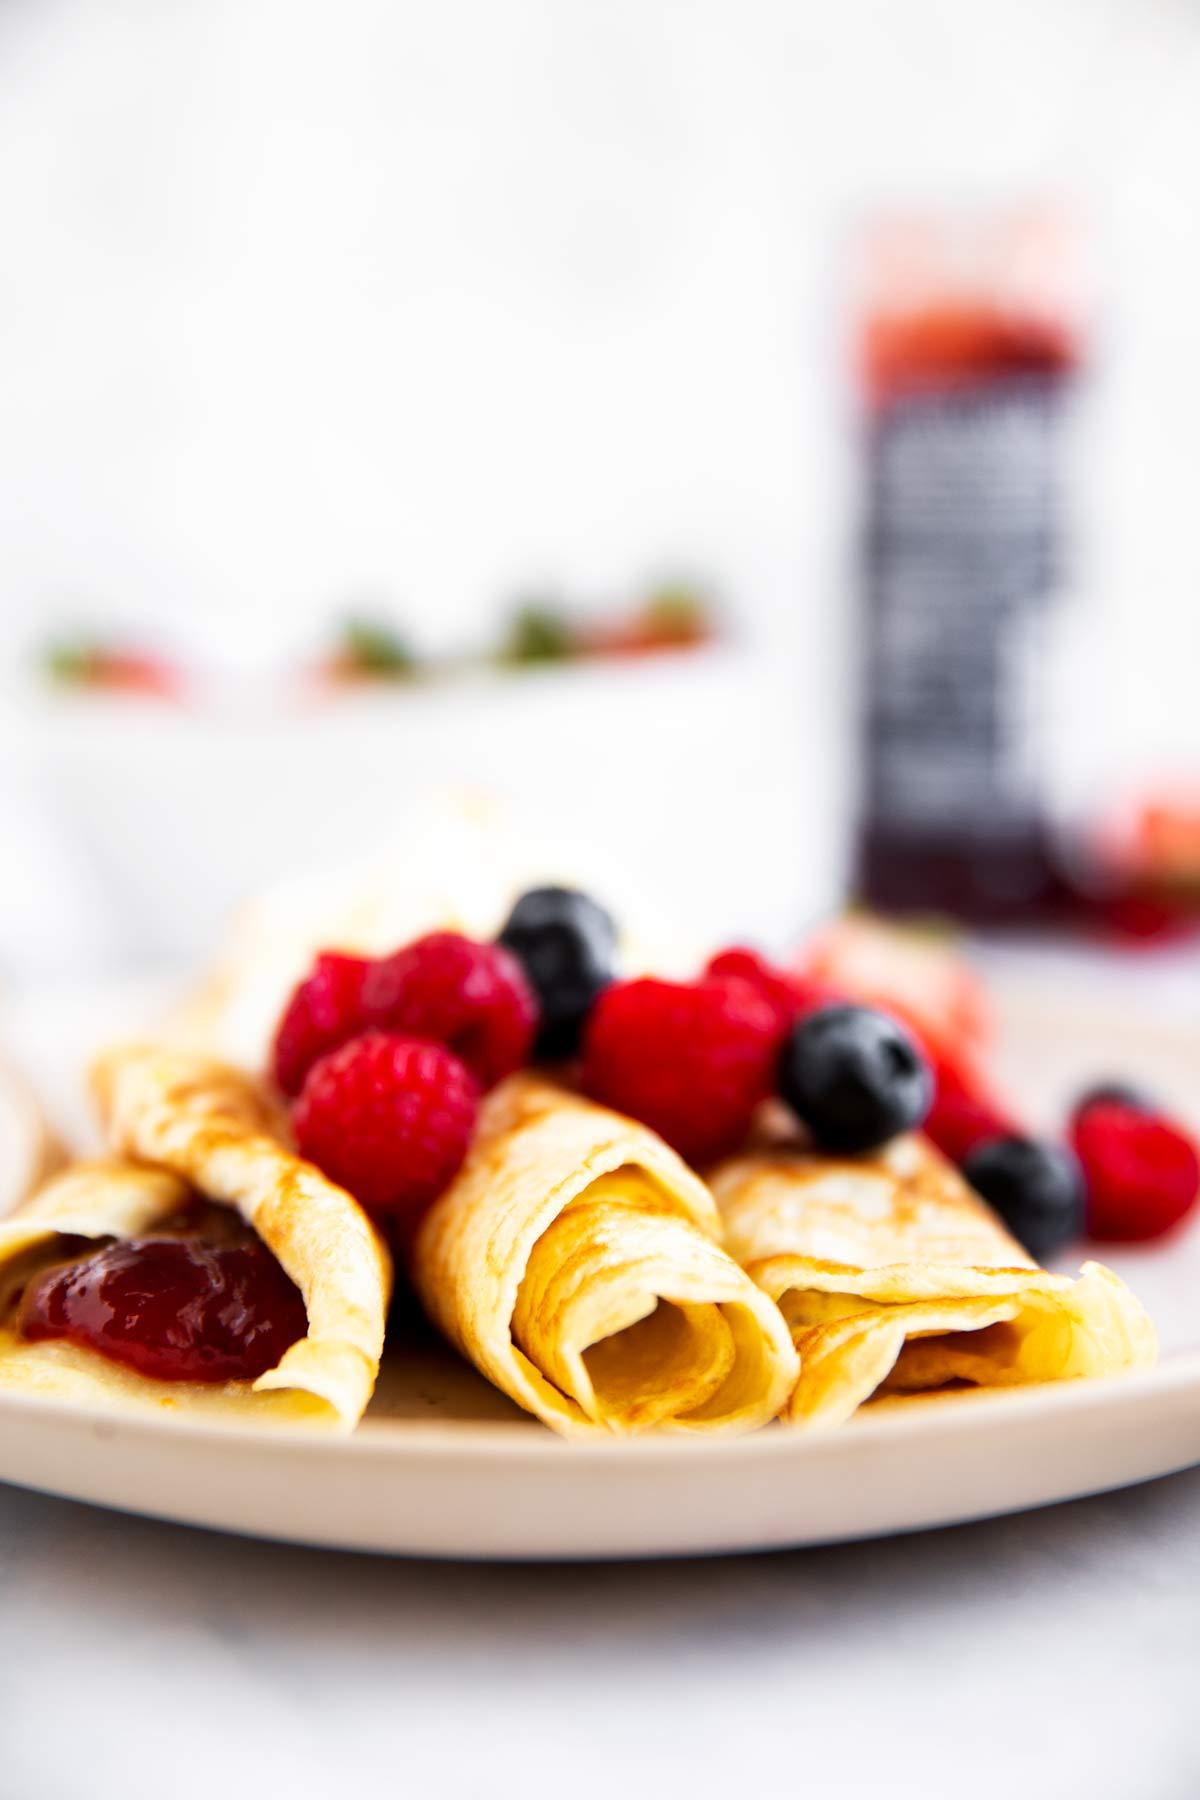 Teller mit Pfannkuchen mit Beeren und Marmelade im Hintergrund